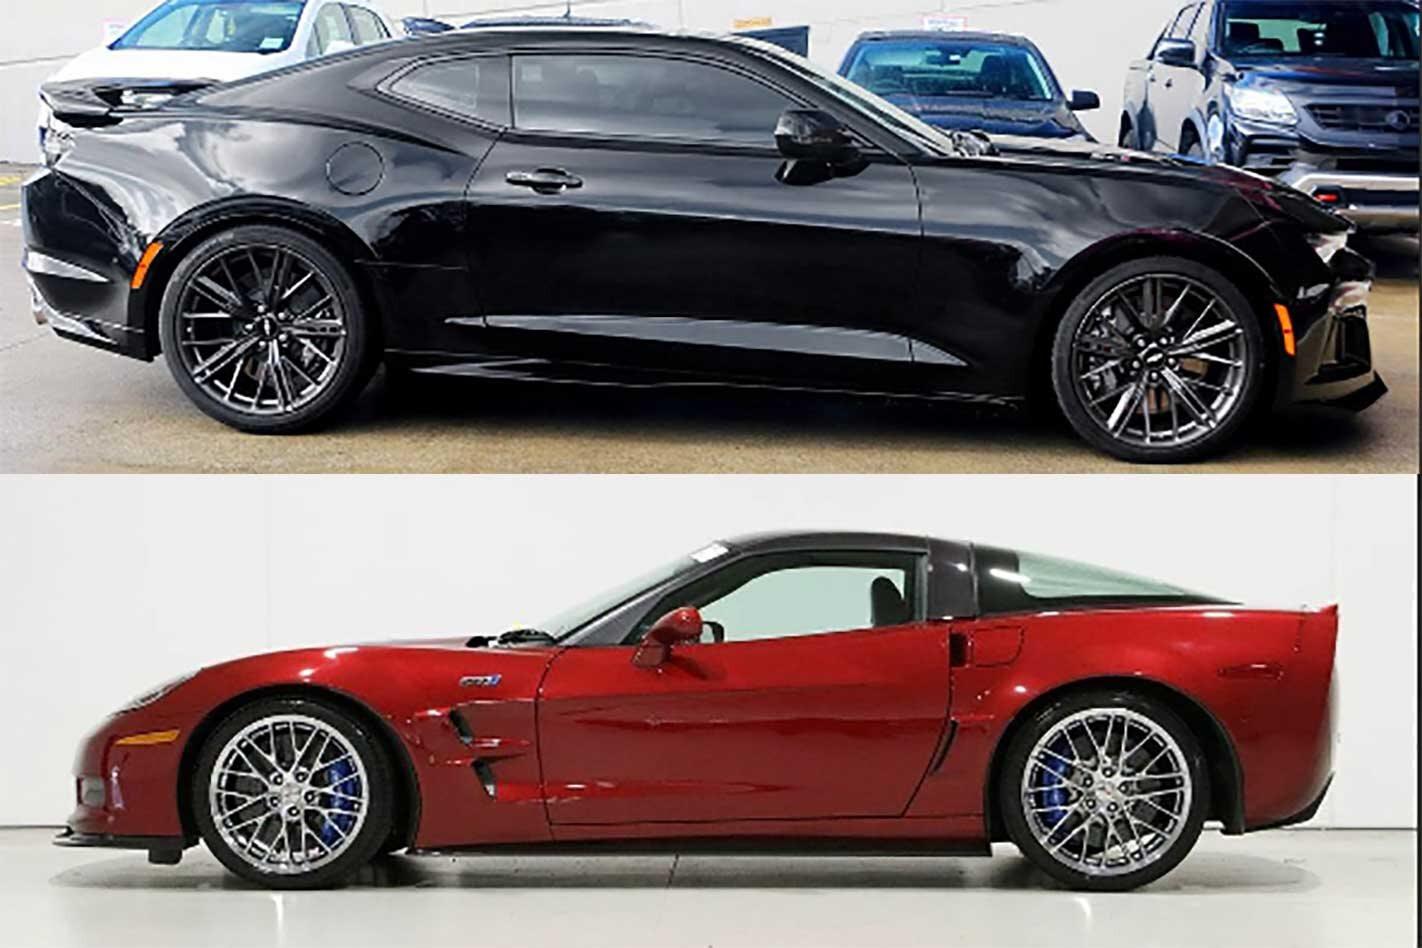 Chevrolet Camaro ZL1 vs Chevrolet Corvette ZR1